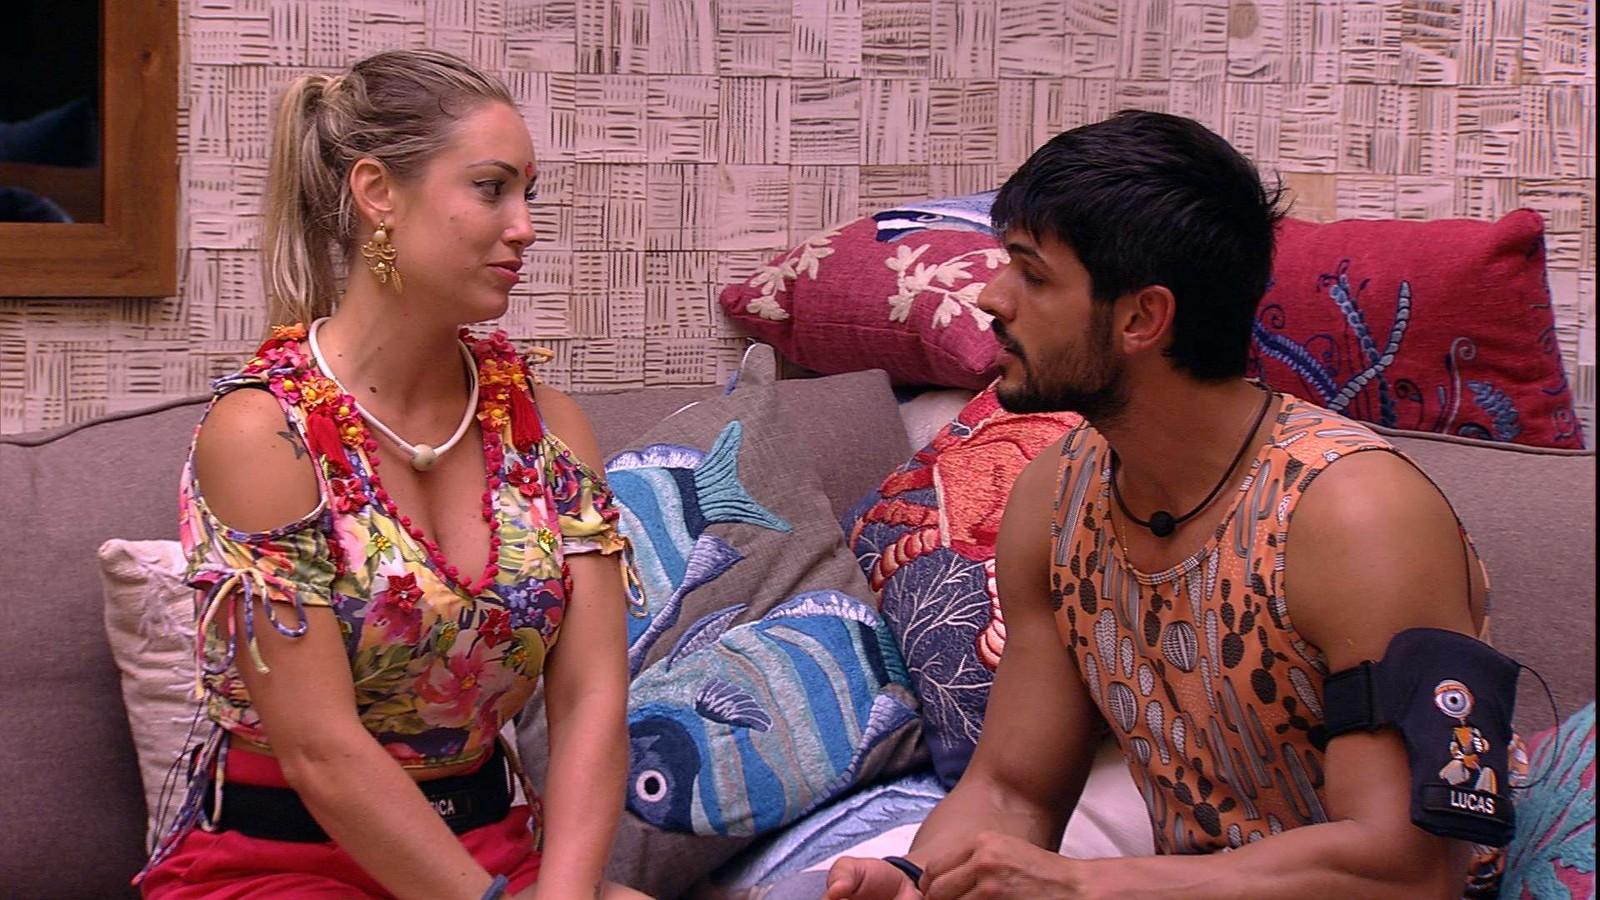 """BBB18: Após puxão de orelha, Lucas revela medo de perder a namorada e tem DR """"forçada"""" com Jéssica"""